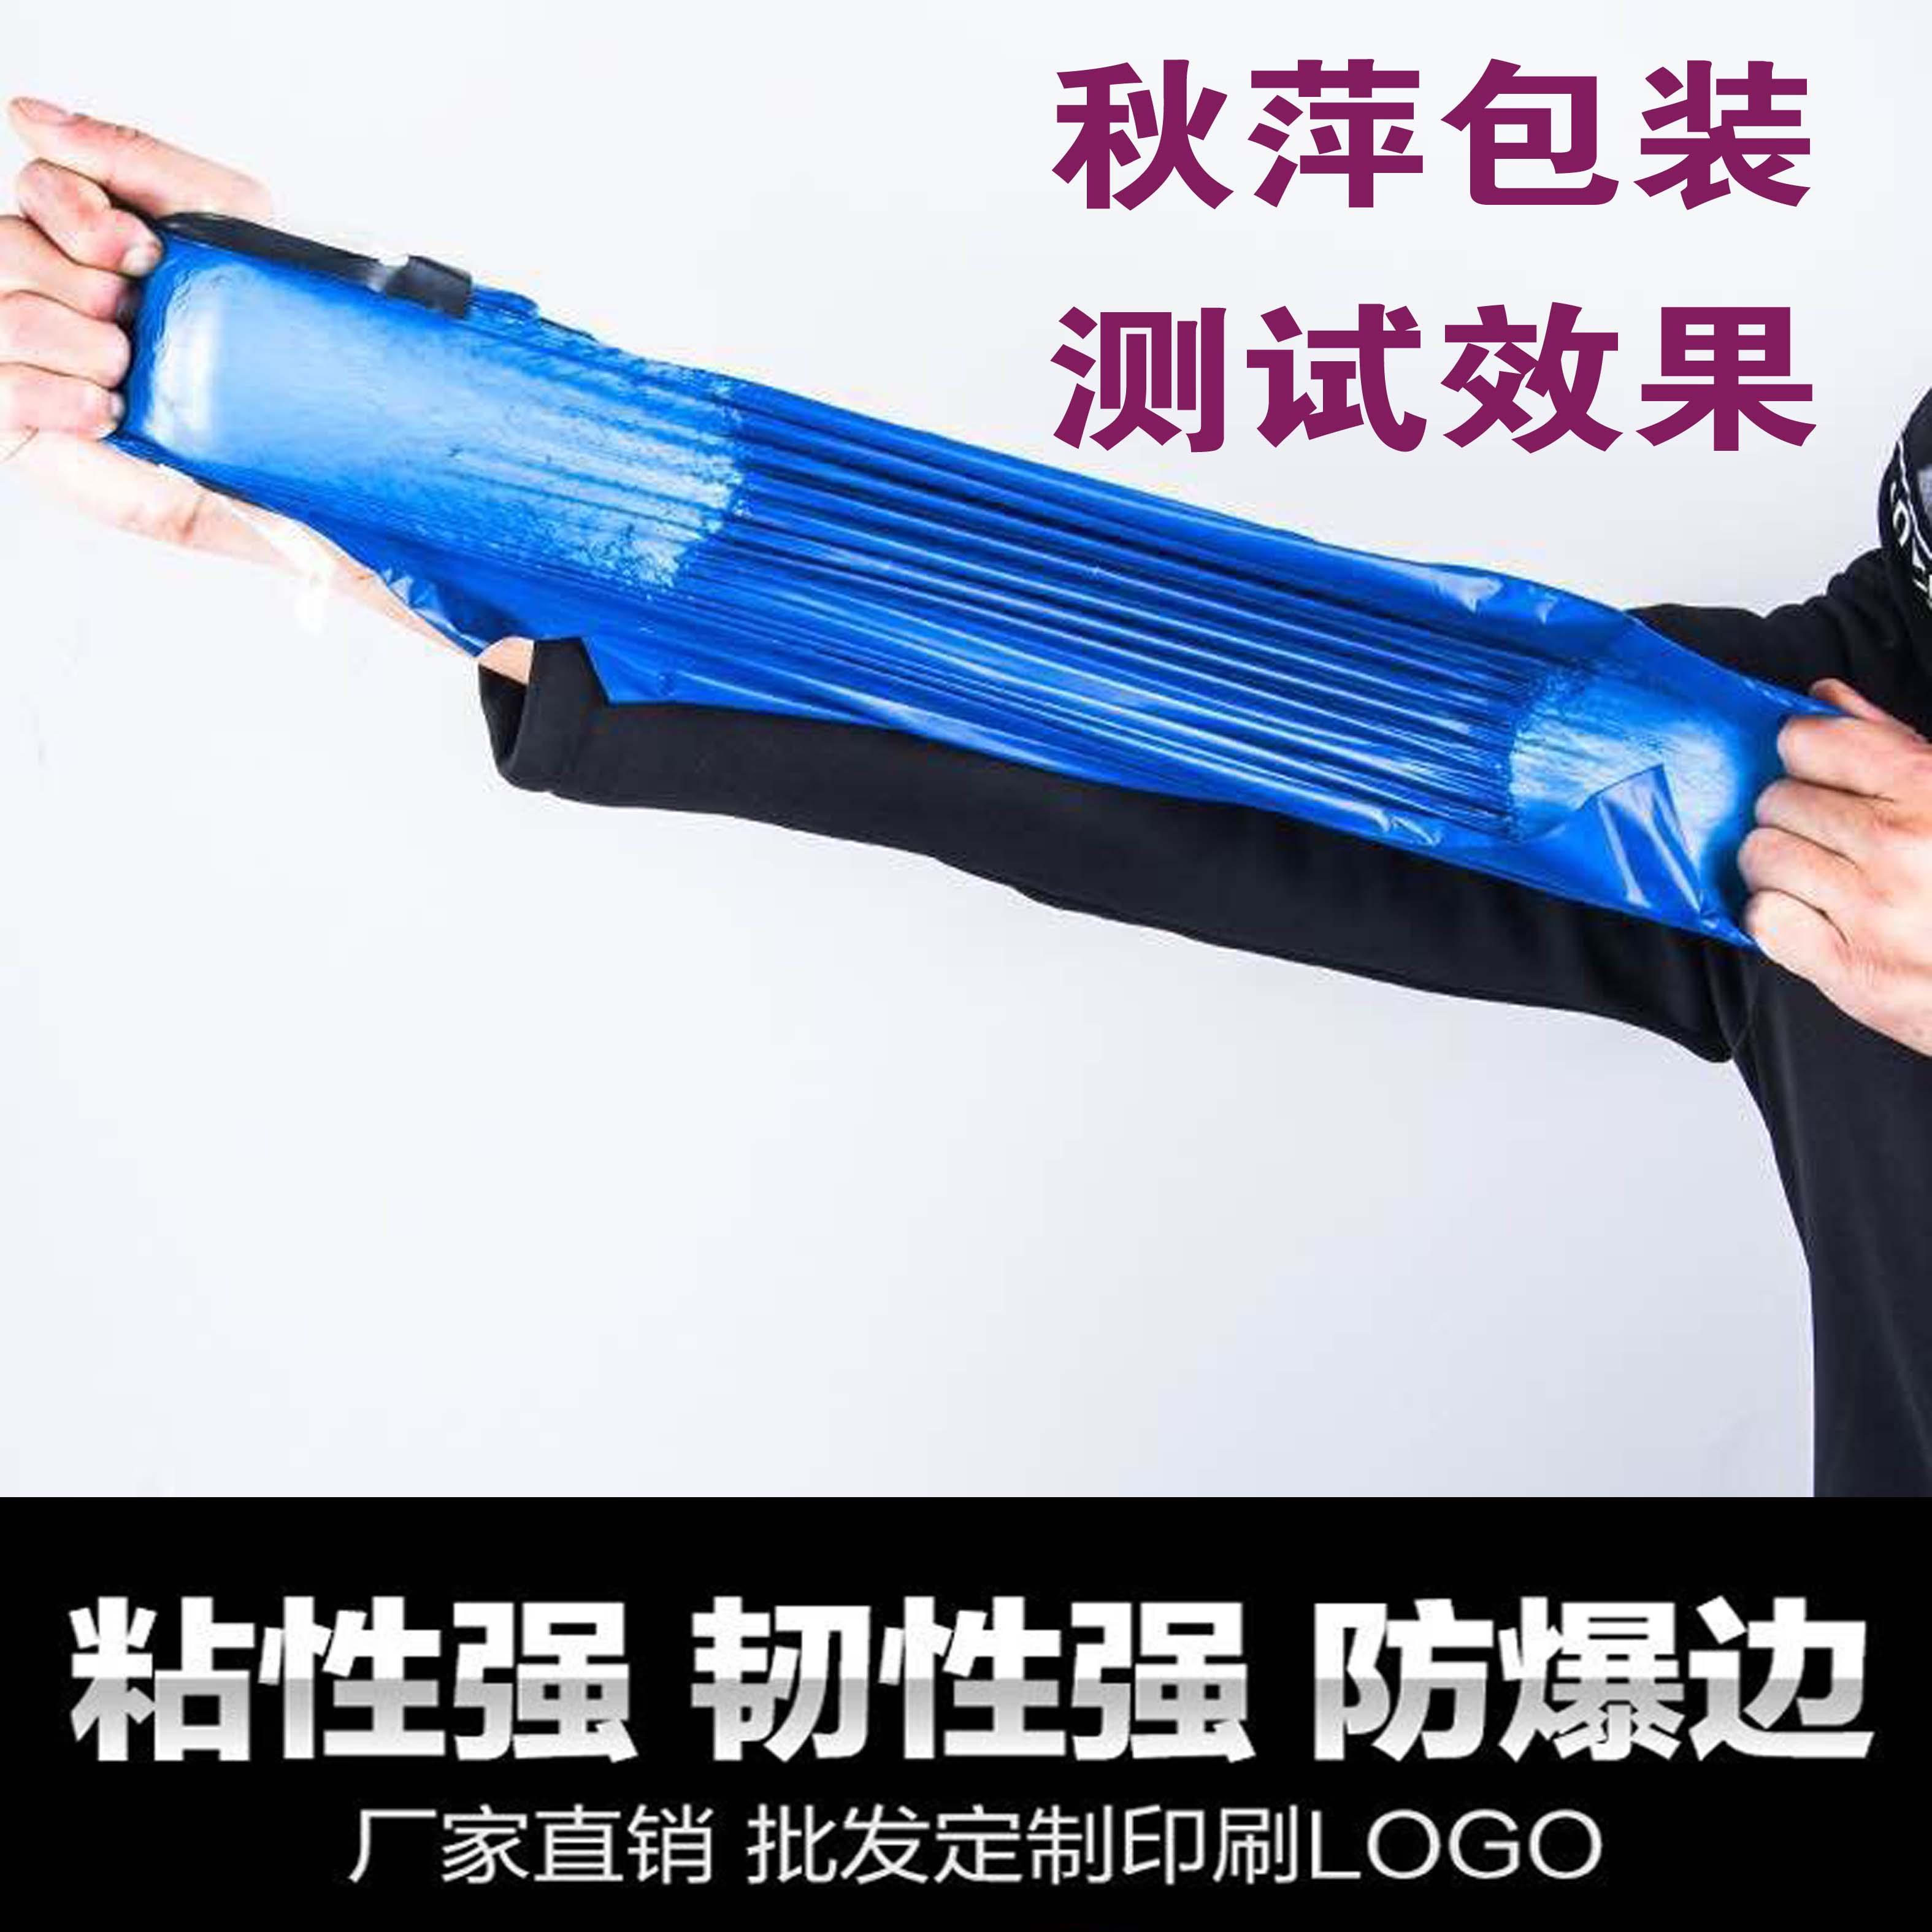 快递袋子批发包邮加厚蓝色淘宝塑料打包装袋28*42破坏性防水定制